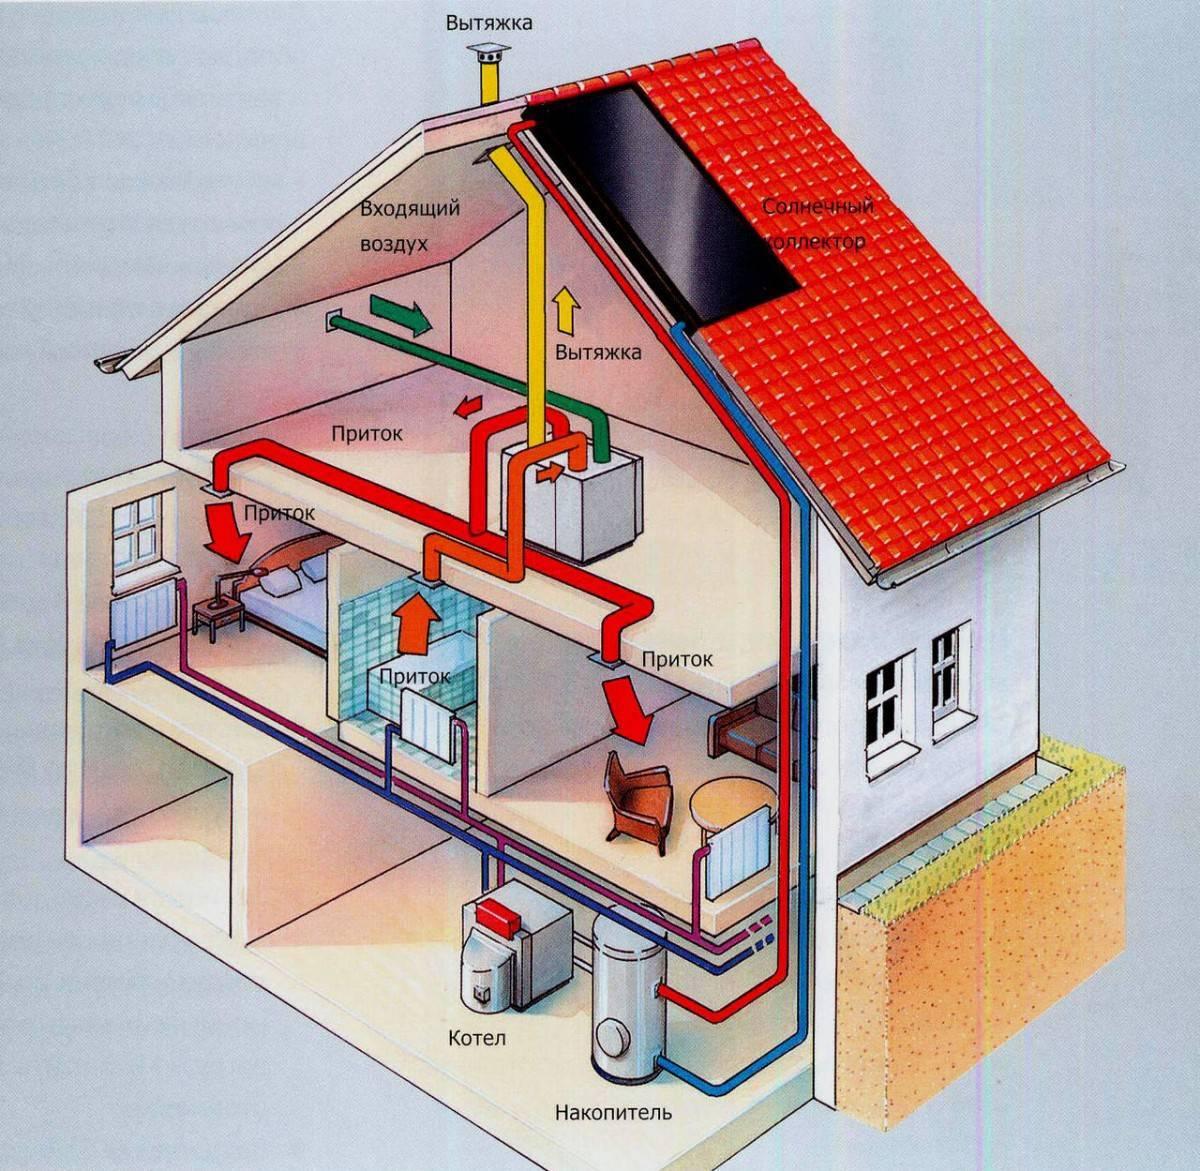 Воздушное отопление в частном доме: основные плюсы, принцип работы и монтаж своими руками